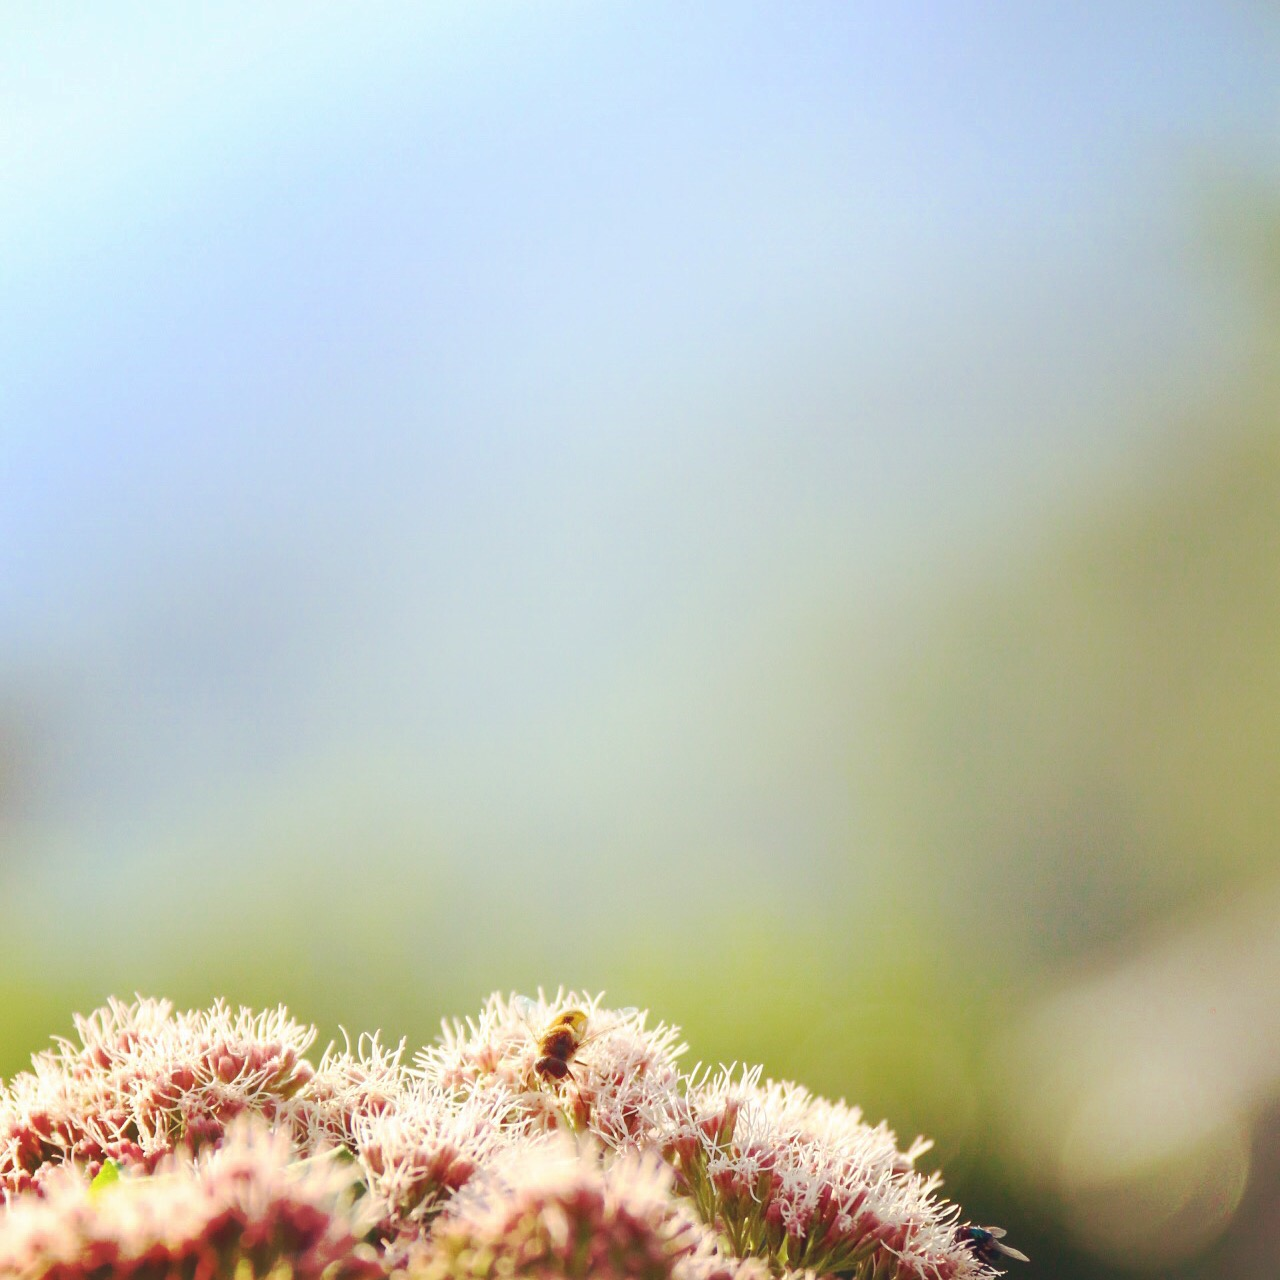 Ik wilde mijn plant snoeien, maar die bleek bevolkt te zijn door bijen en ander gevleugelde beestjes